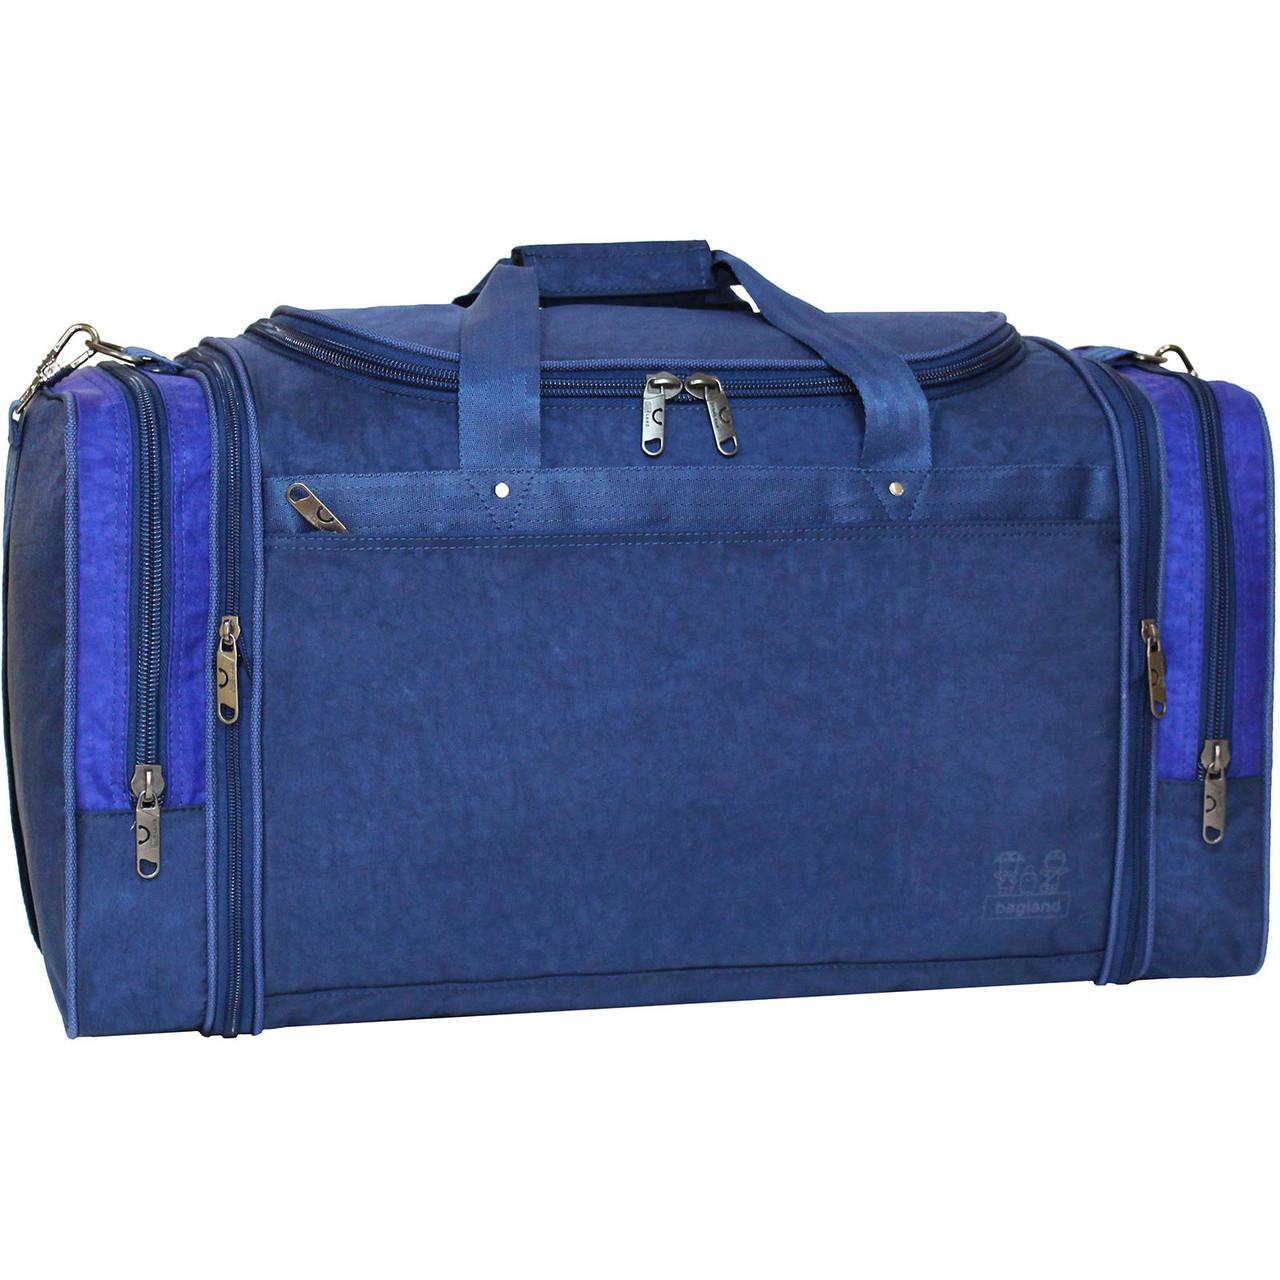 1653455f0d6a Украина Спортивная сумка Bagland Мюнхен 59 л. Синий электрик (0032570)